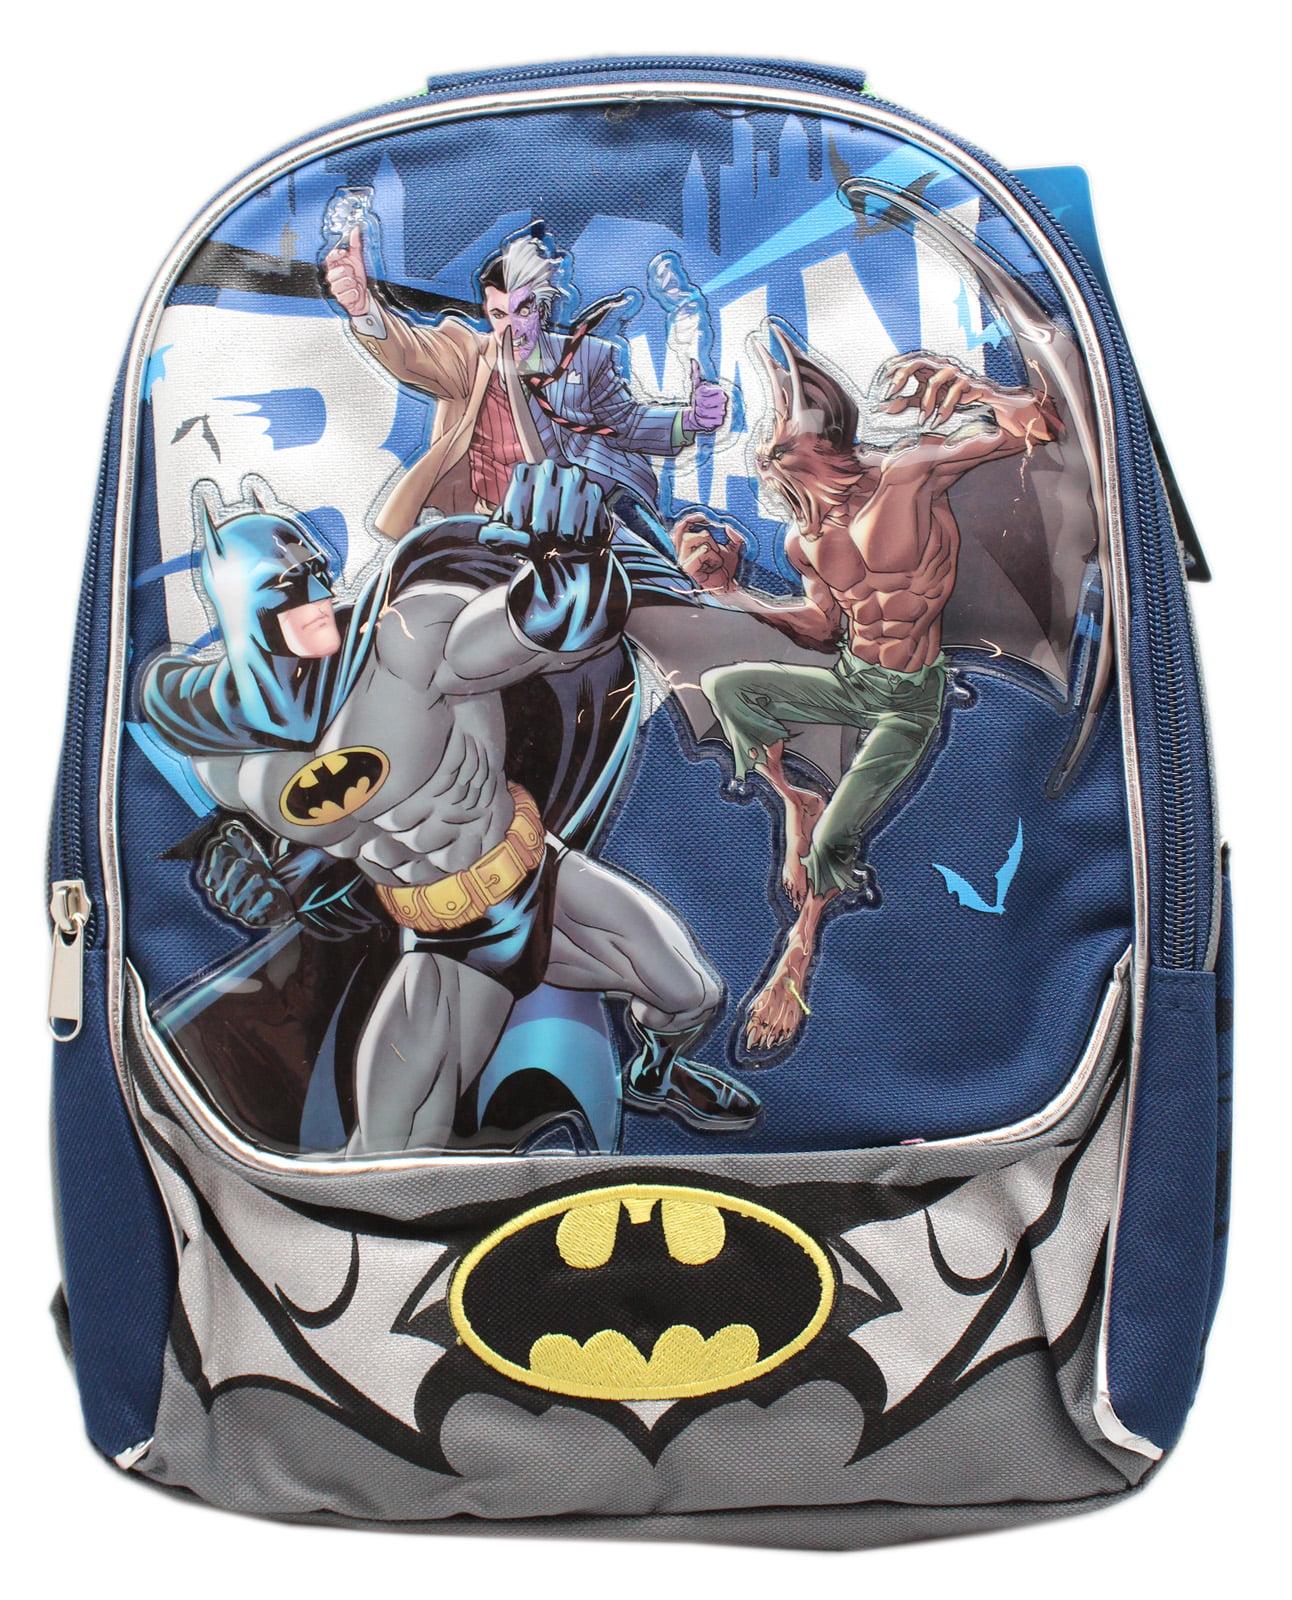 OFFICIAL DC COMICS BATMAN V SUPERMAN JUNIOR BACKPACK RUCKSACK SCHOOL BAG